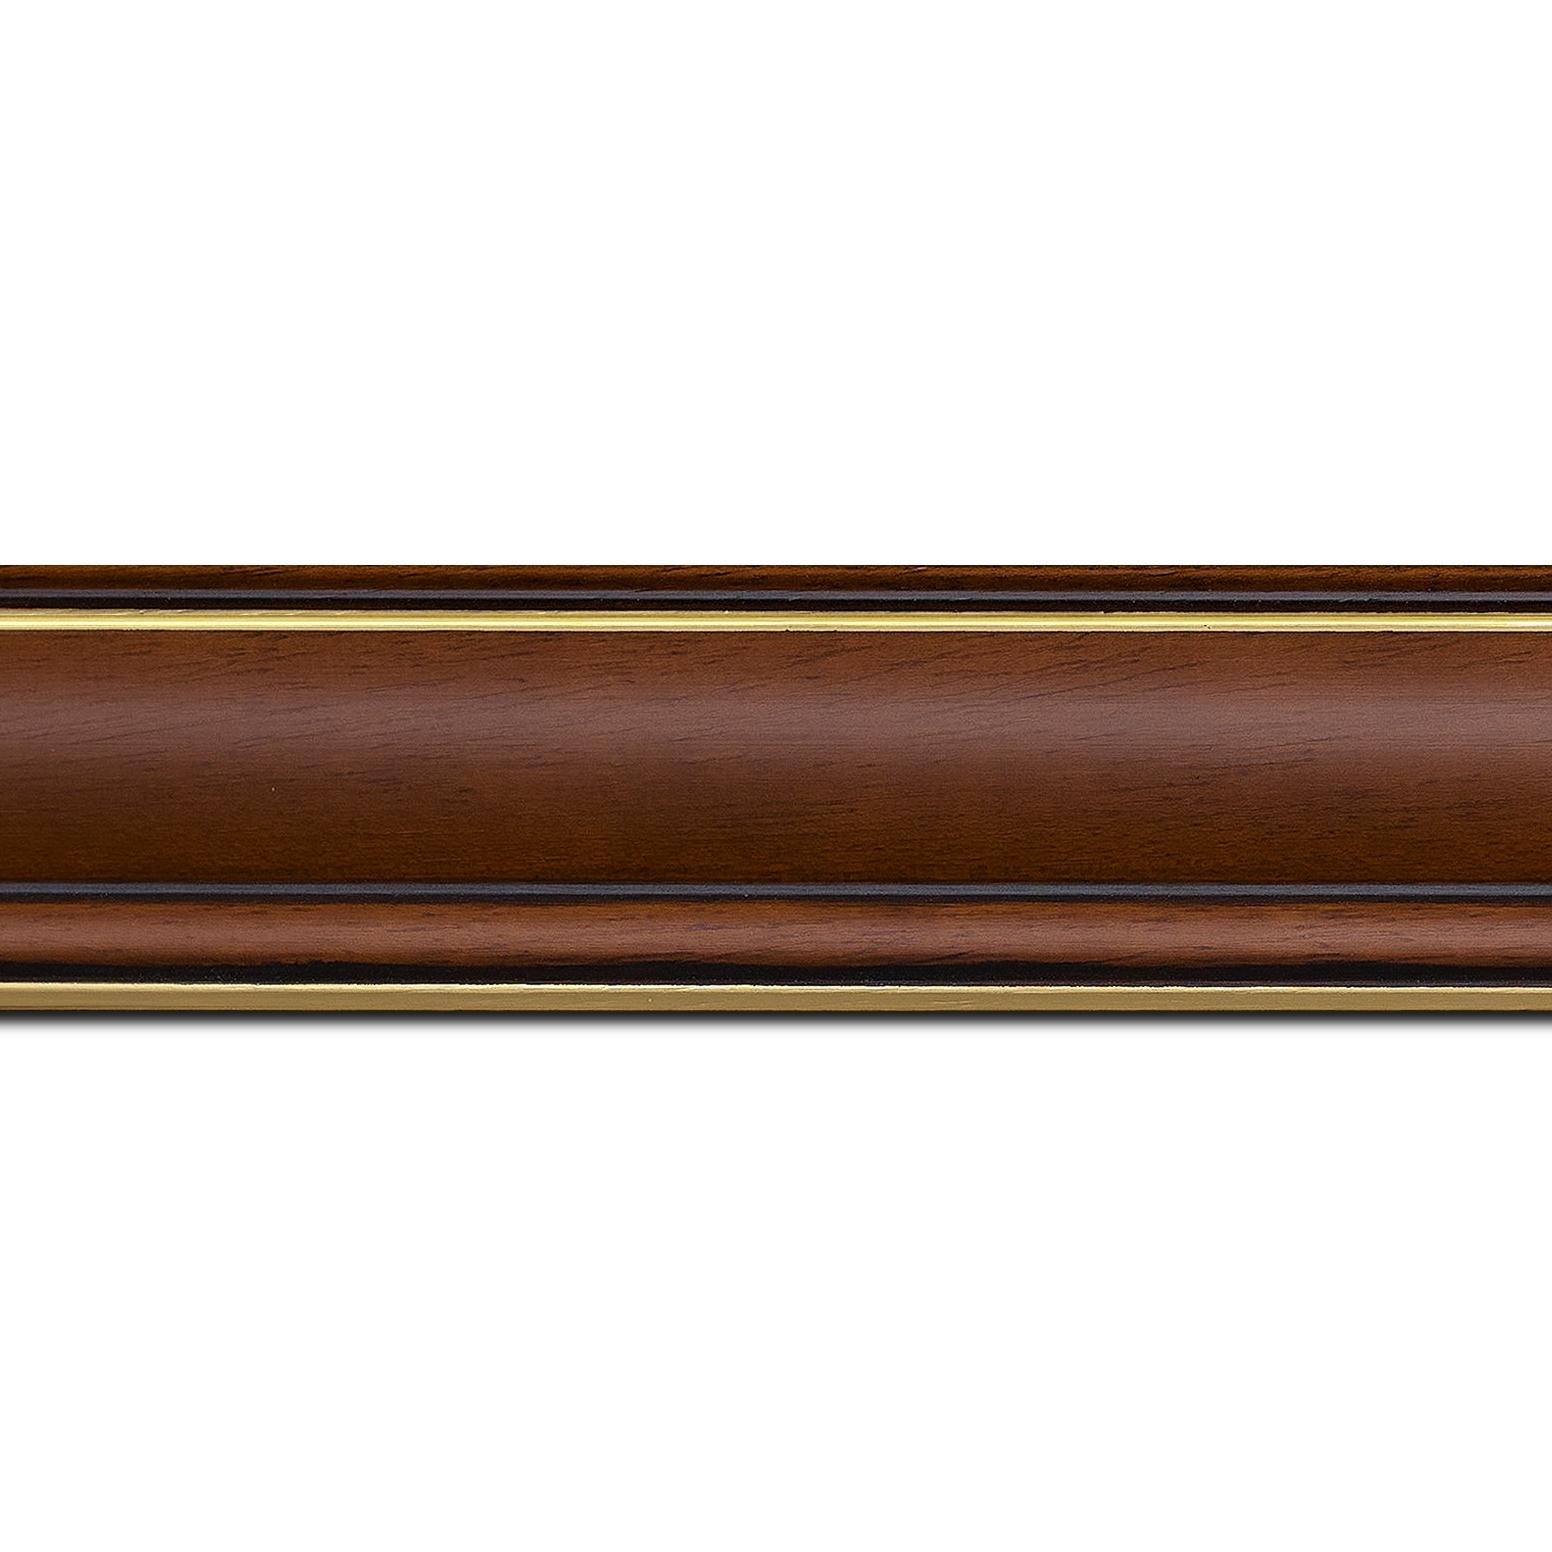 Pack par 12m, bois profil doucine inversée largeur 4.4cm  marron rustique filet or(longueur baguette pouvant varier entre 2.40m et 3m selon arrivage des bois)